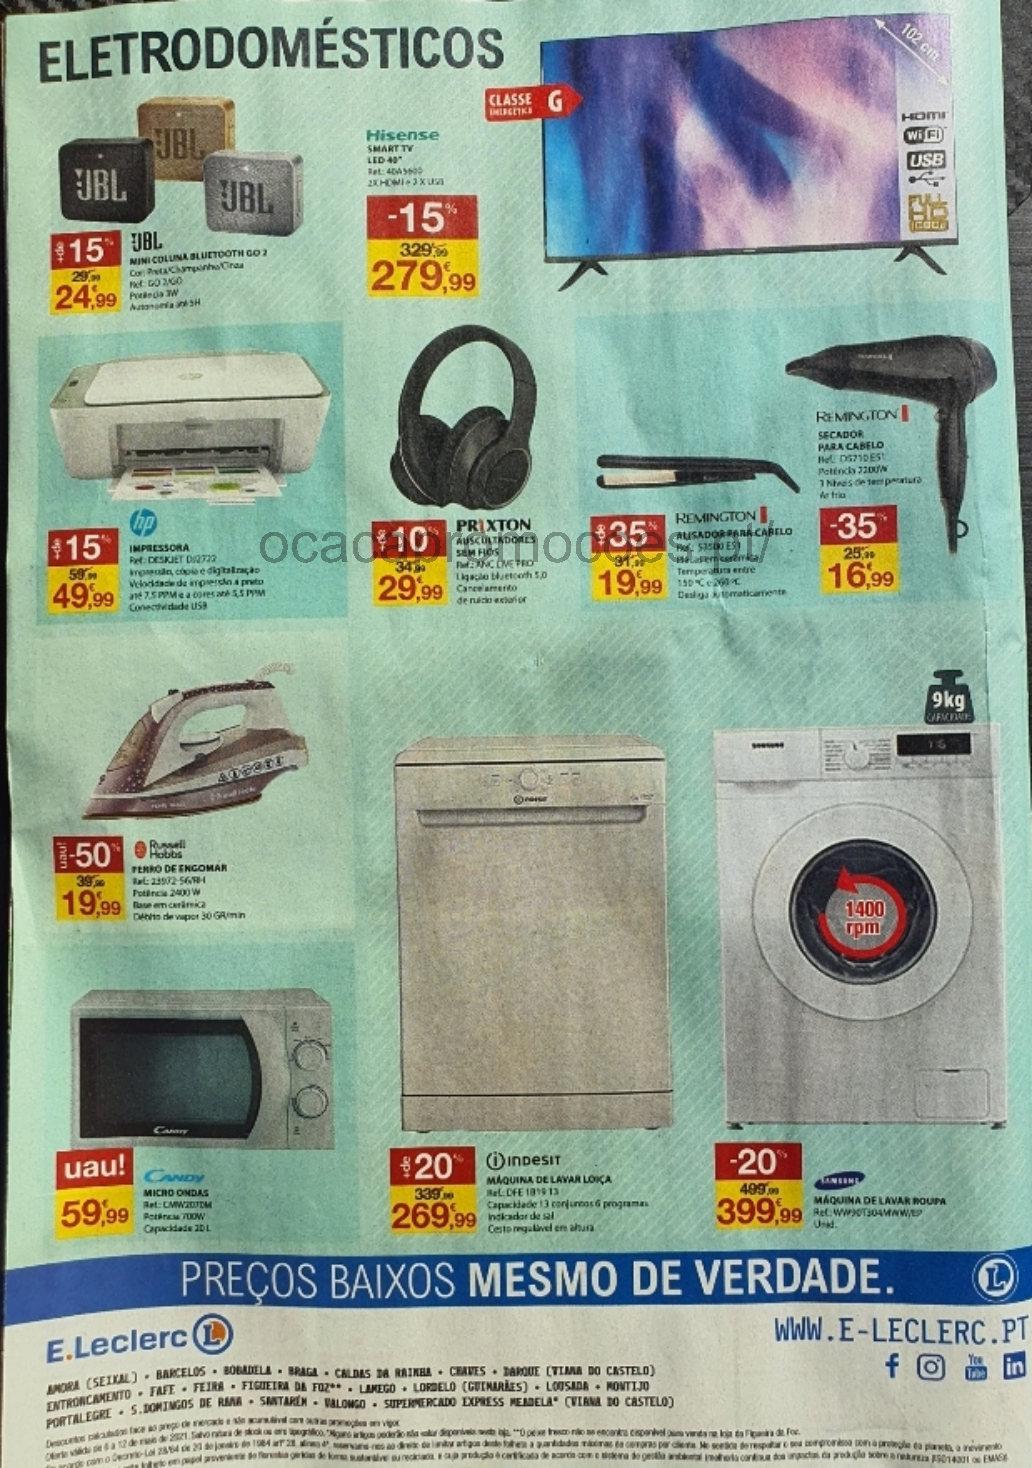 folheto e leclerc promocoes 6 12 maio Page40